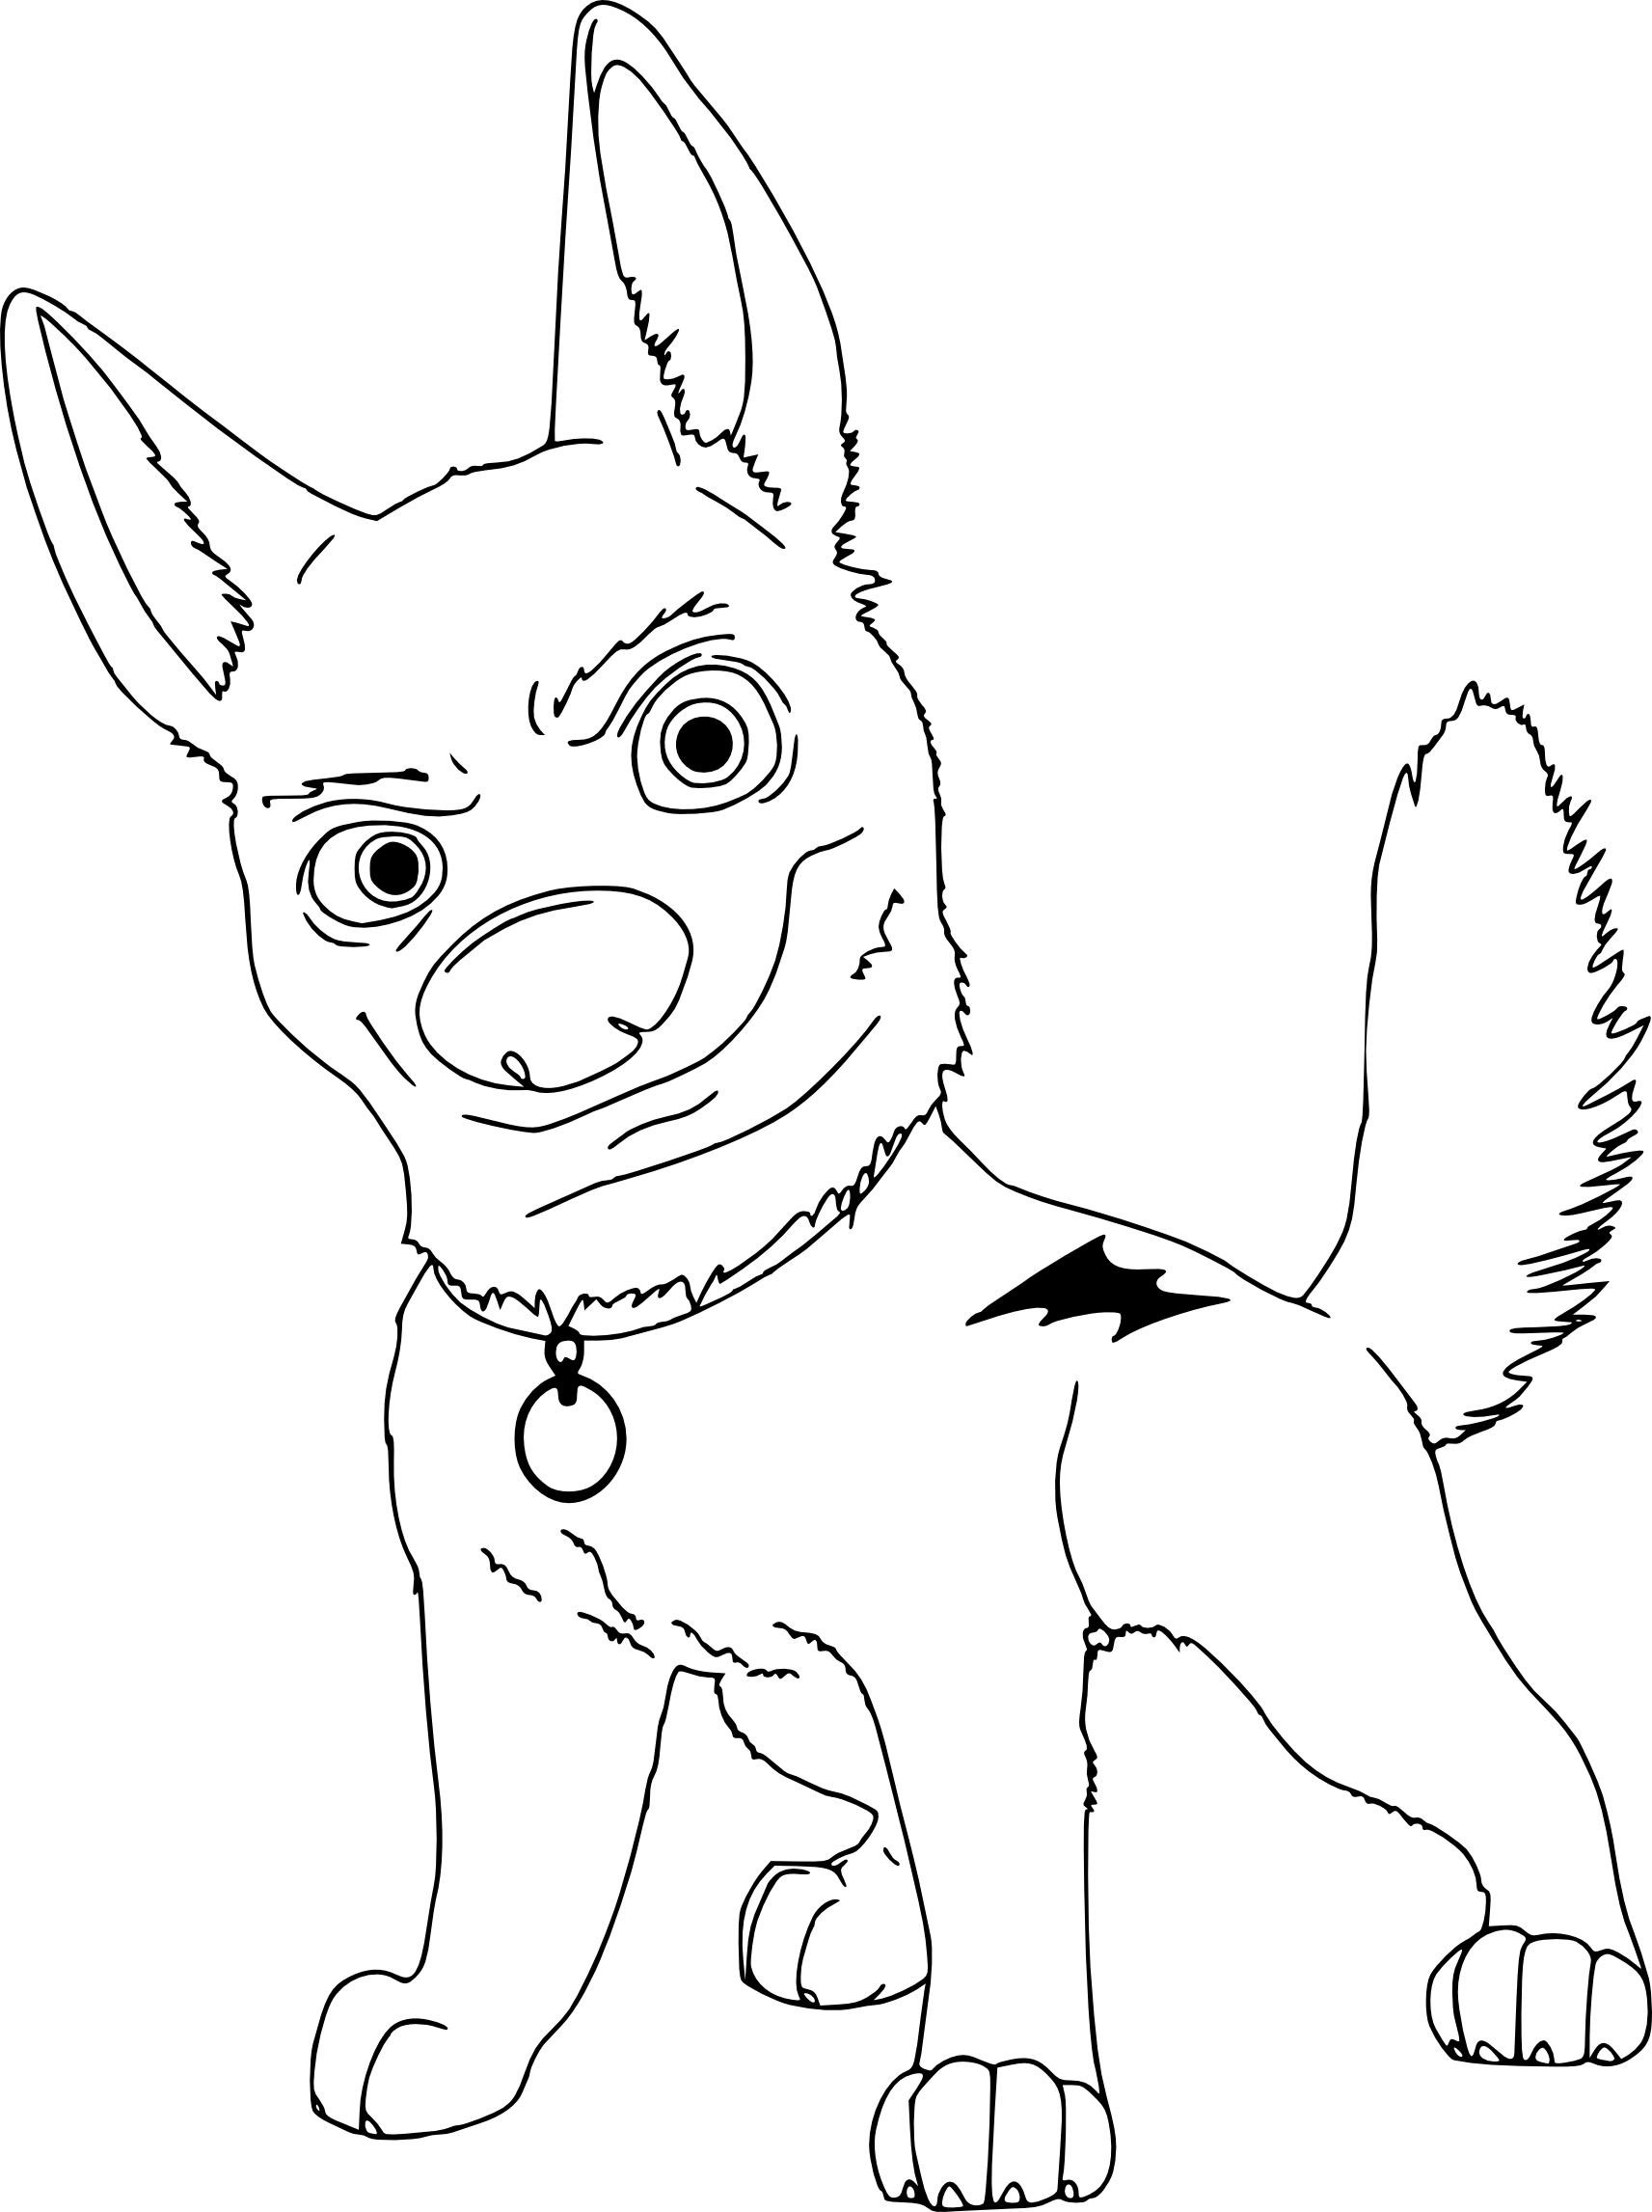 Coloriage volt le chien imprimer - Coloriage chien ...